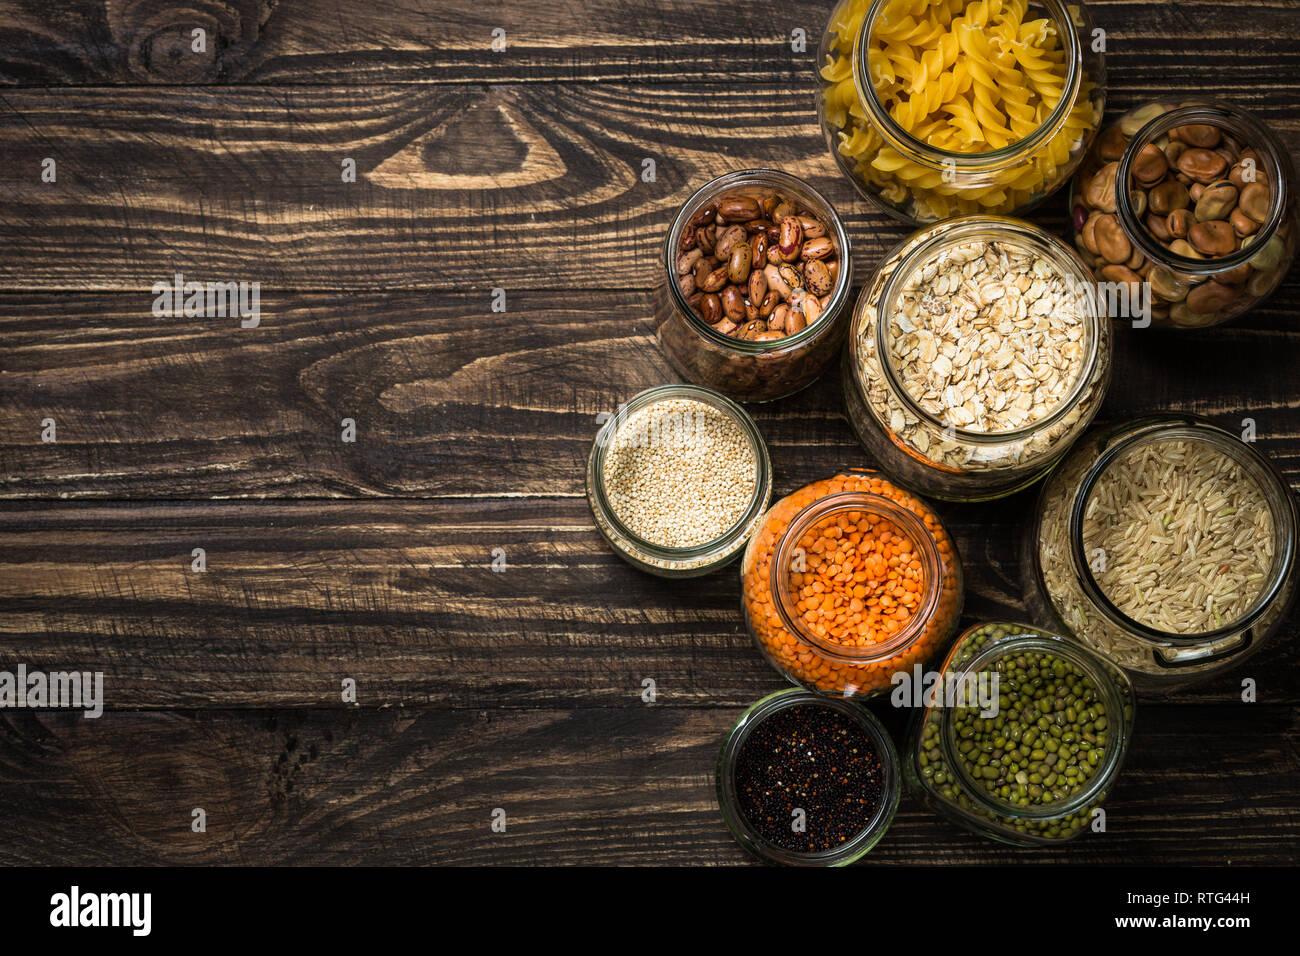 Cereali, legumi e fagioli in vasetti di vetro scuro su un tavolo di legno. Foto Stock